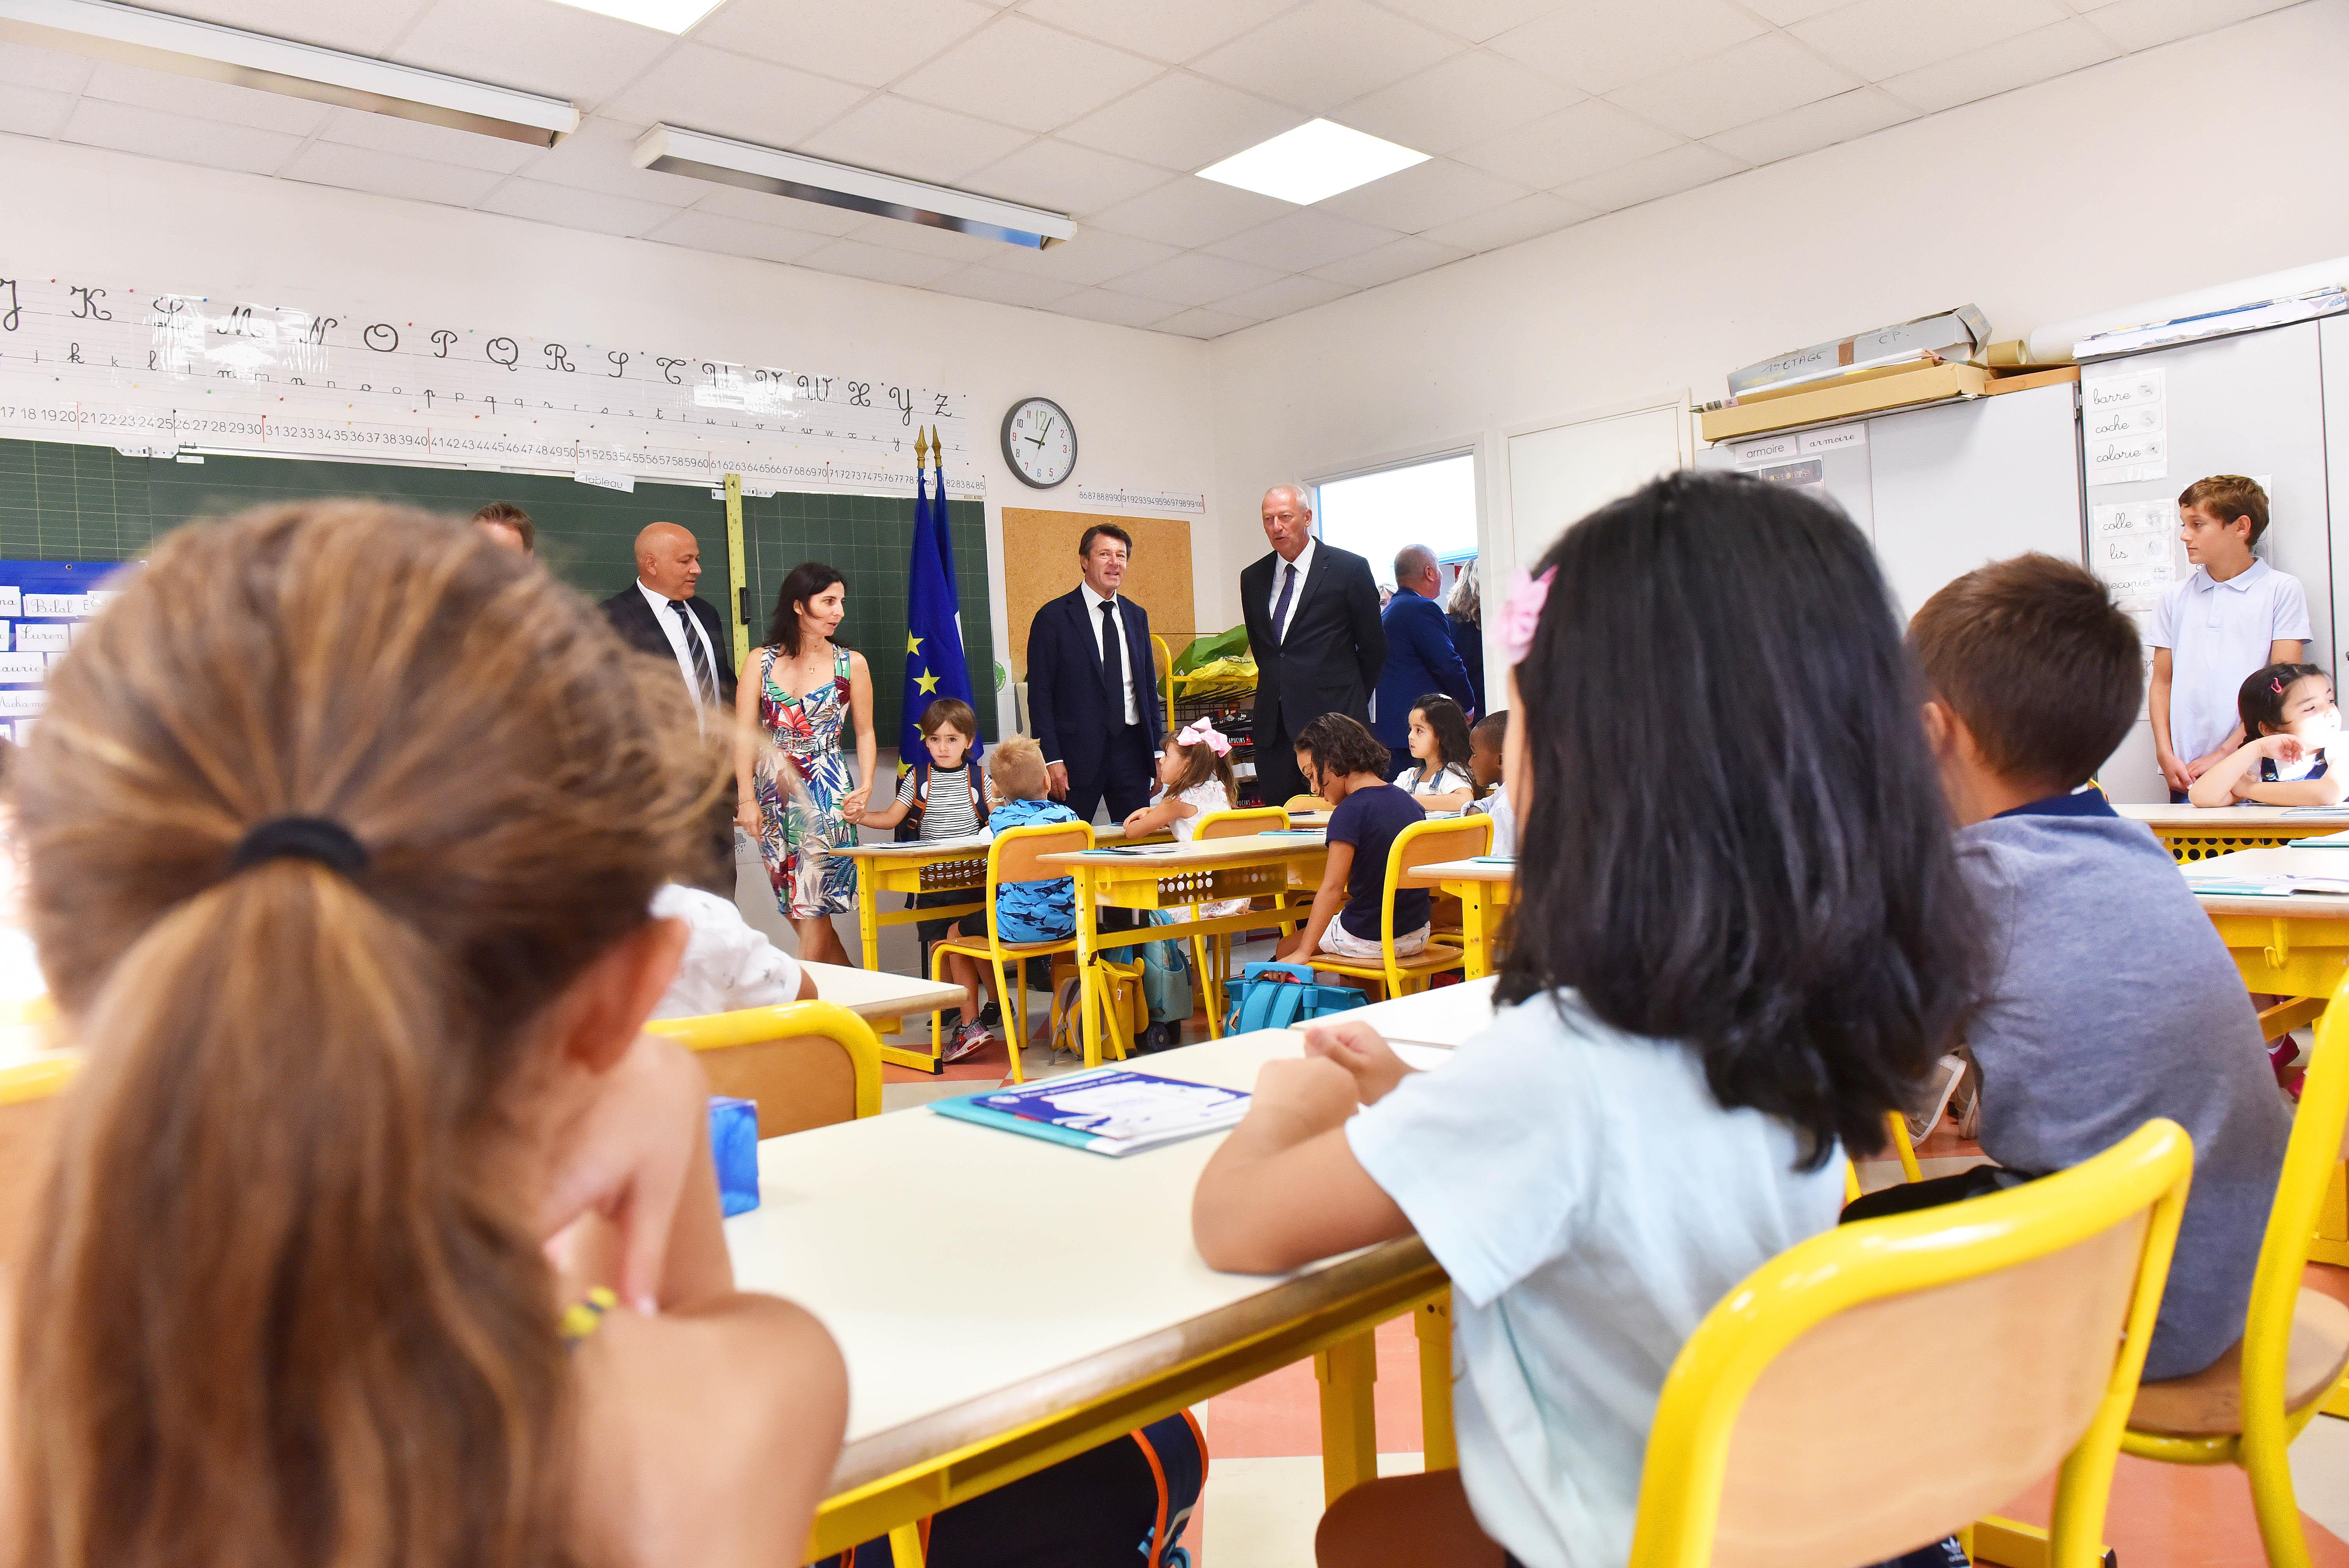 Rentrée scolaire école Ronchèse